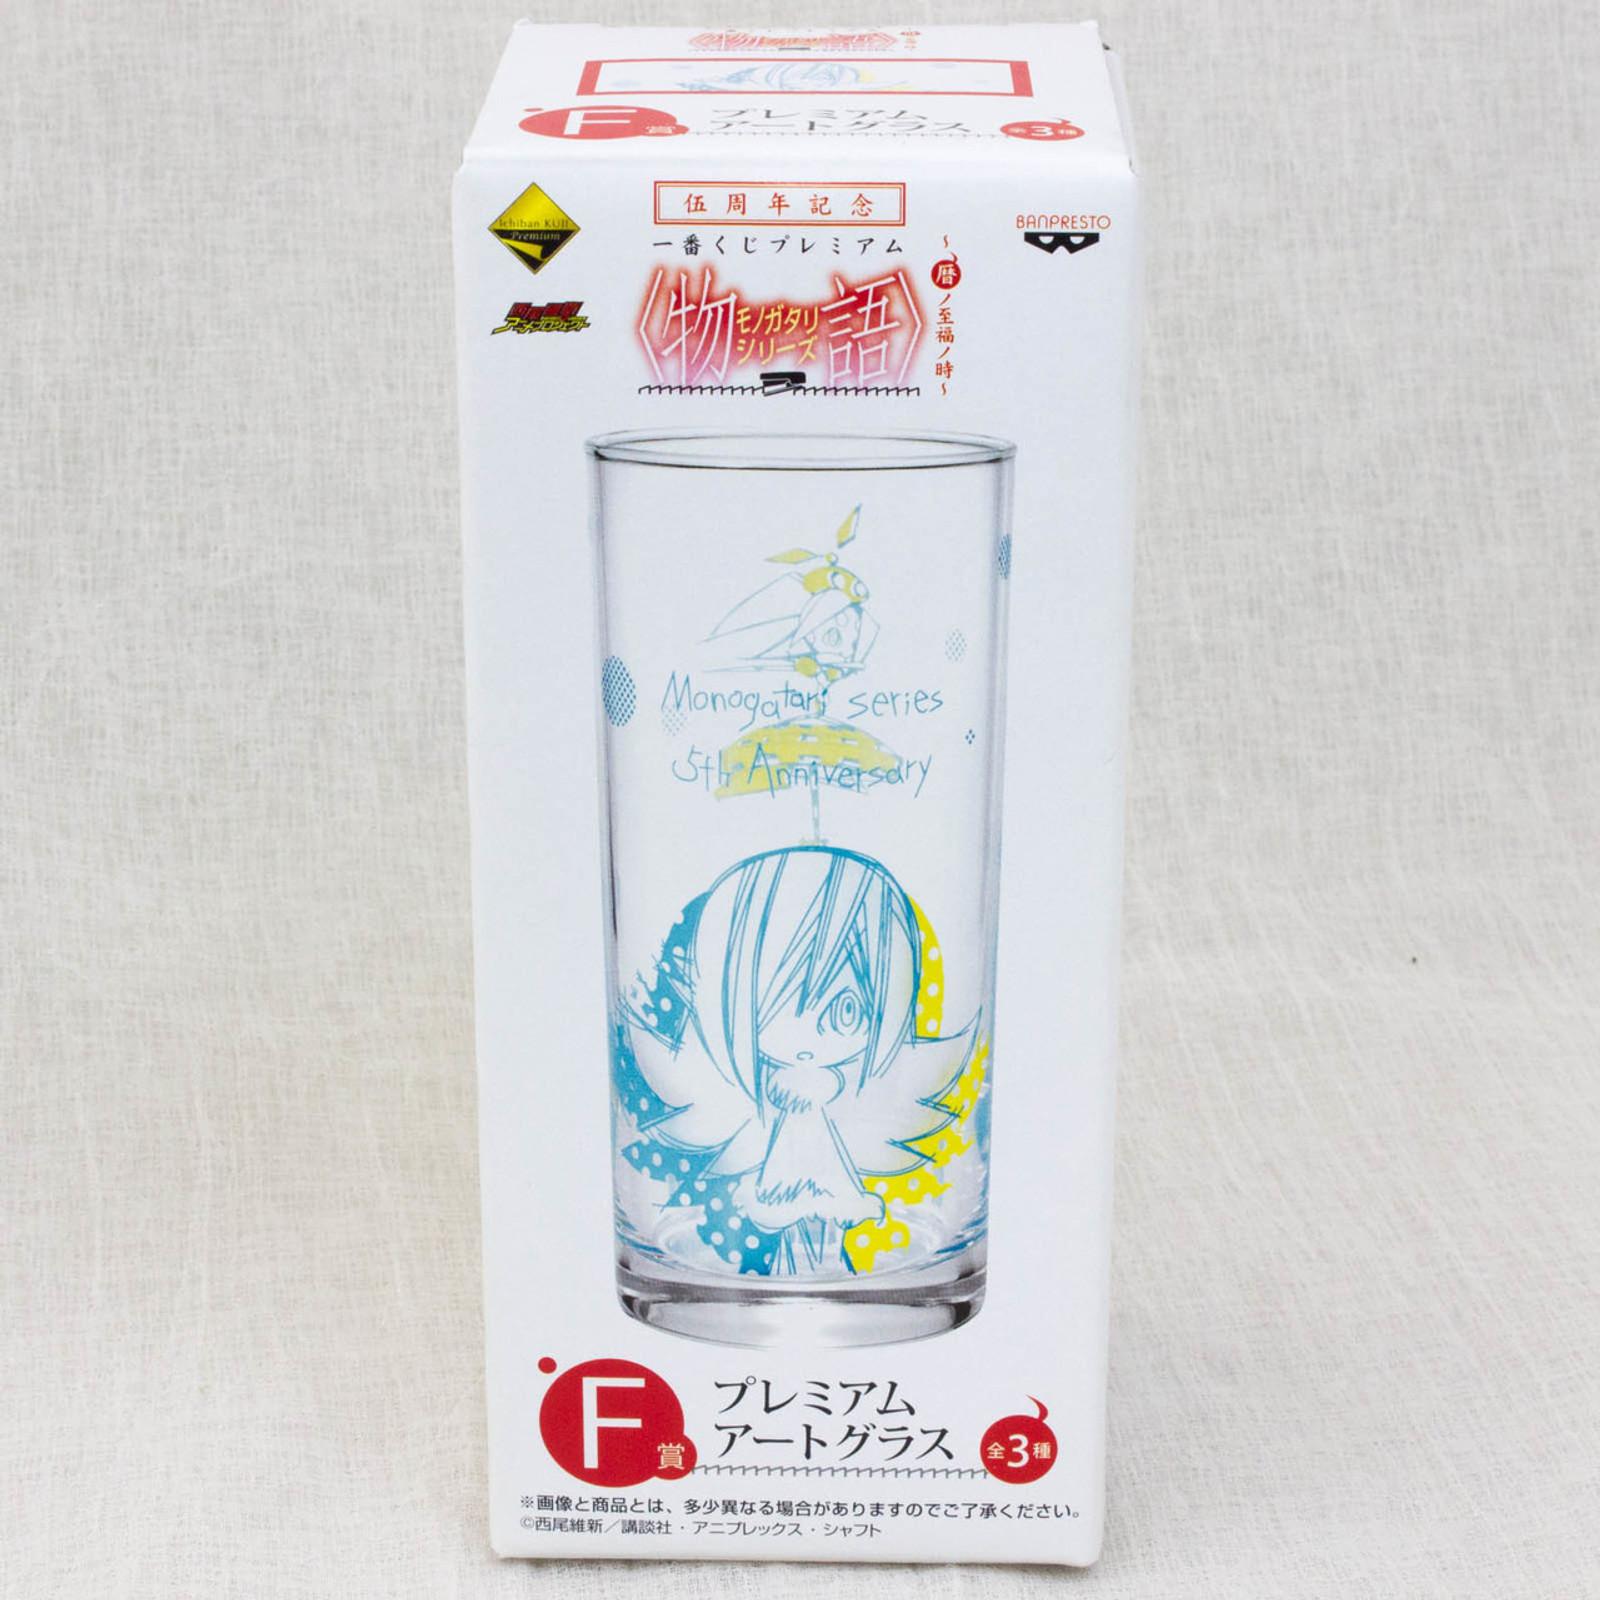 Bakemonogatari Nisemonogatari Premium Art Glass 5th Anniversary 3 JAPAN ANIME